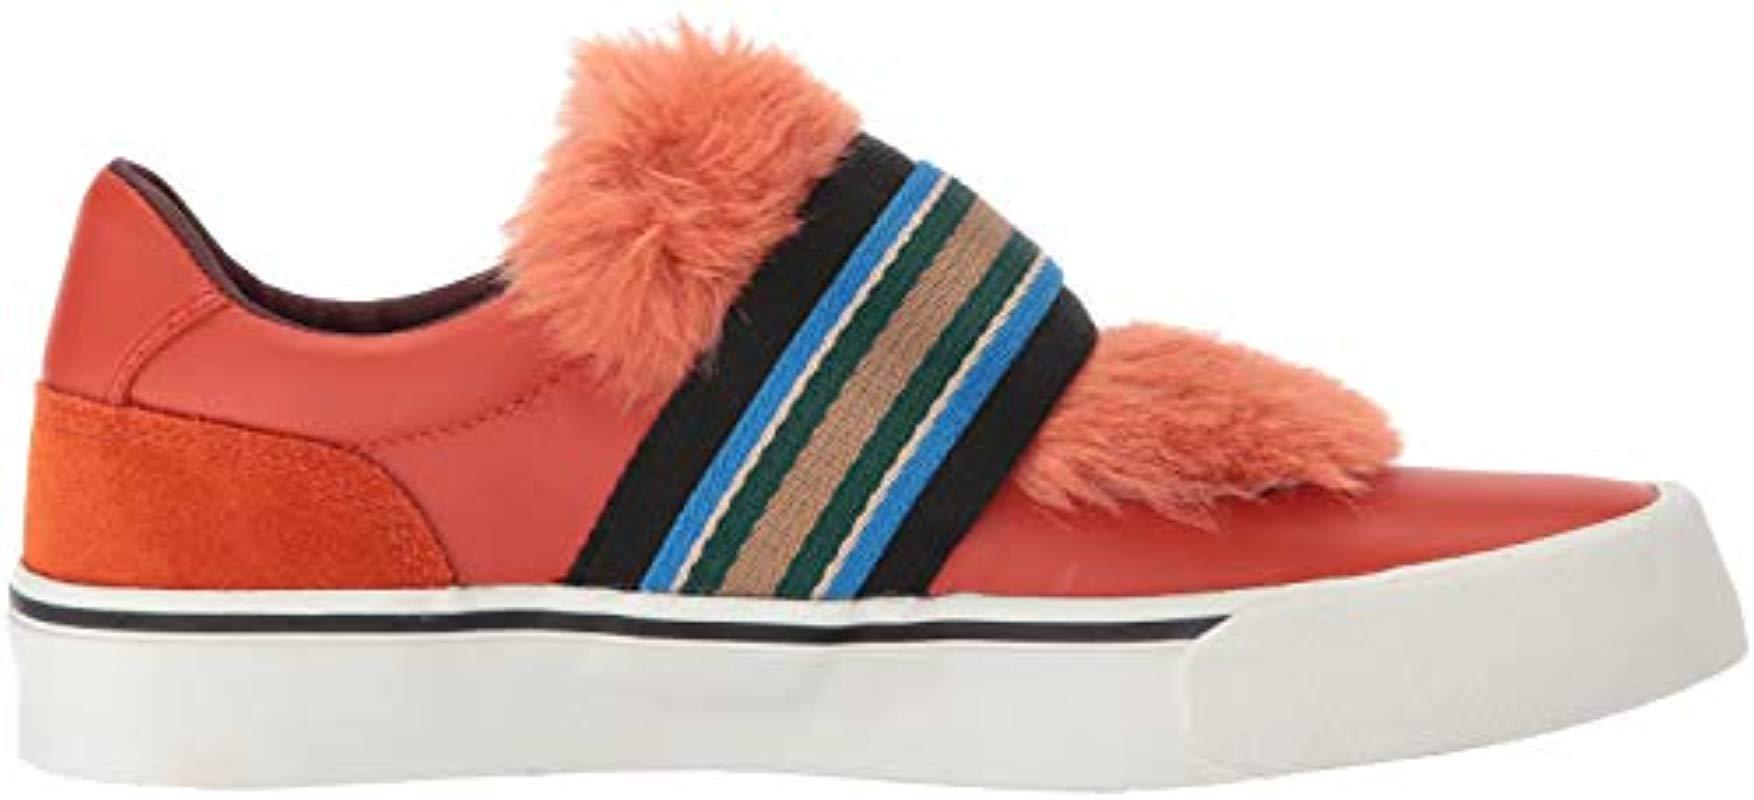 aa31d3e3c1d6 Lyst - DIESEL 355 S-flip Low Buckle W Sneaker